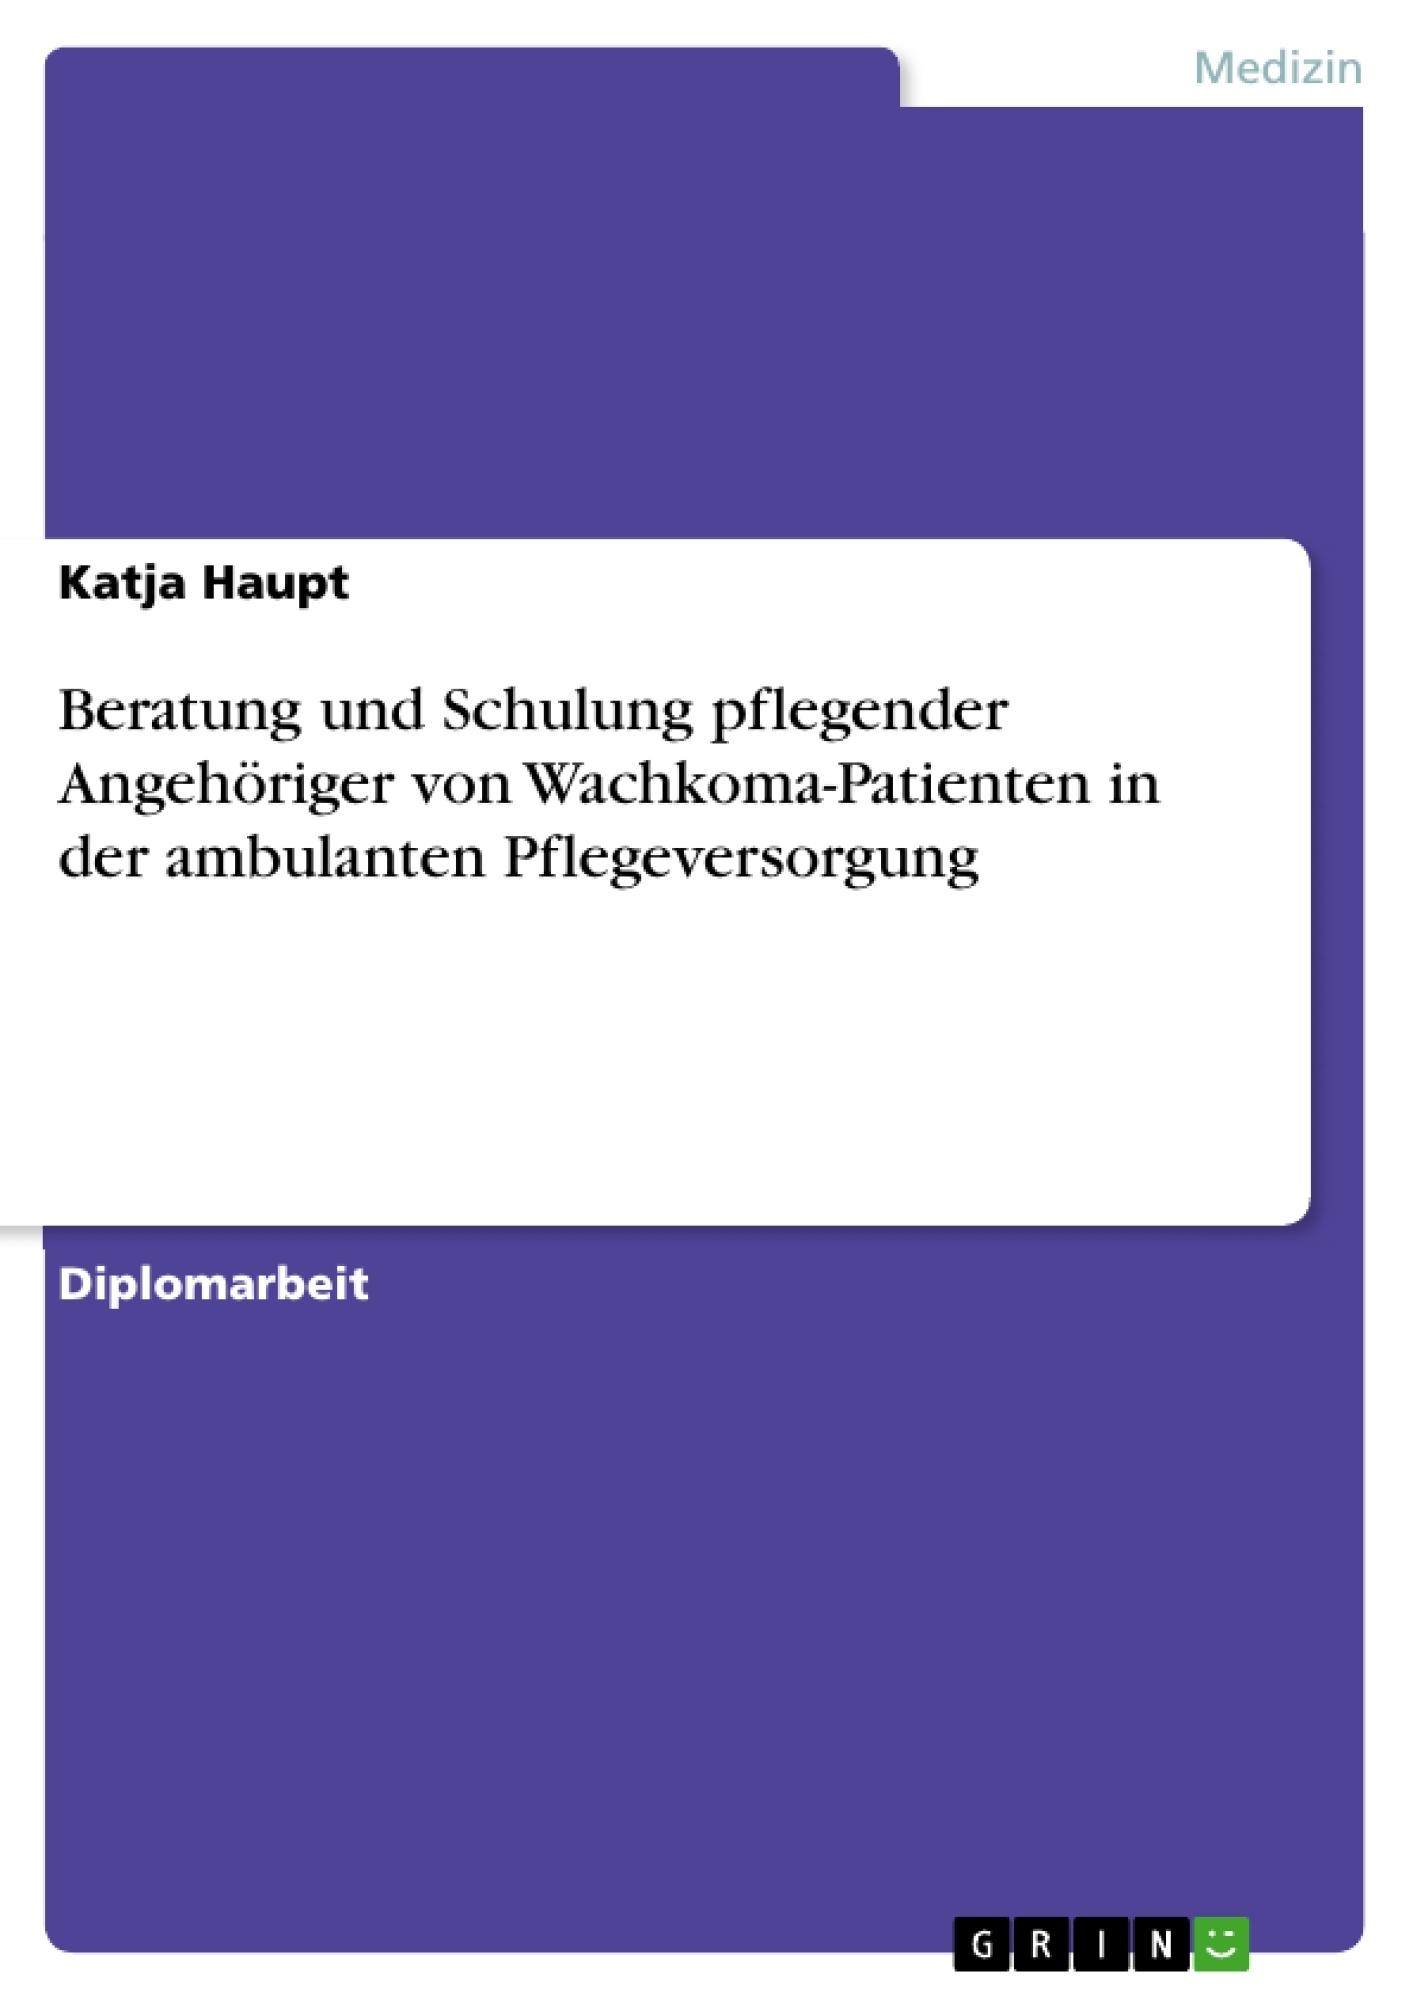 Titel: Beratung und Schulung pflegender Angehöriger von Wachkoma-Patienten in der ambulanten Pflegeversorgung